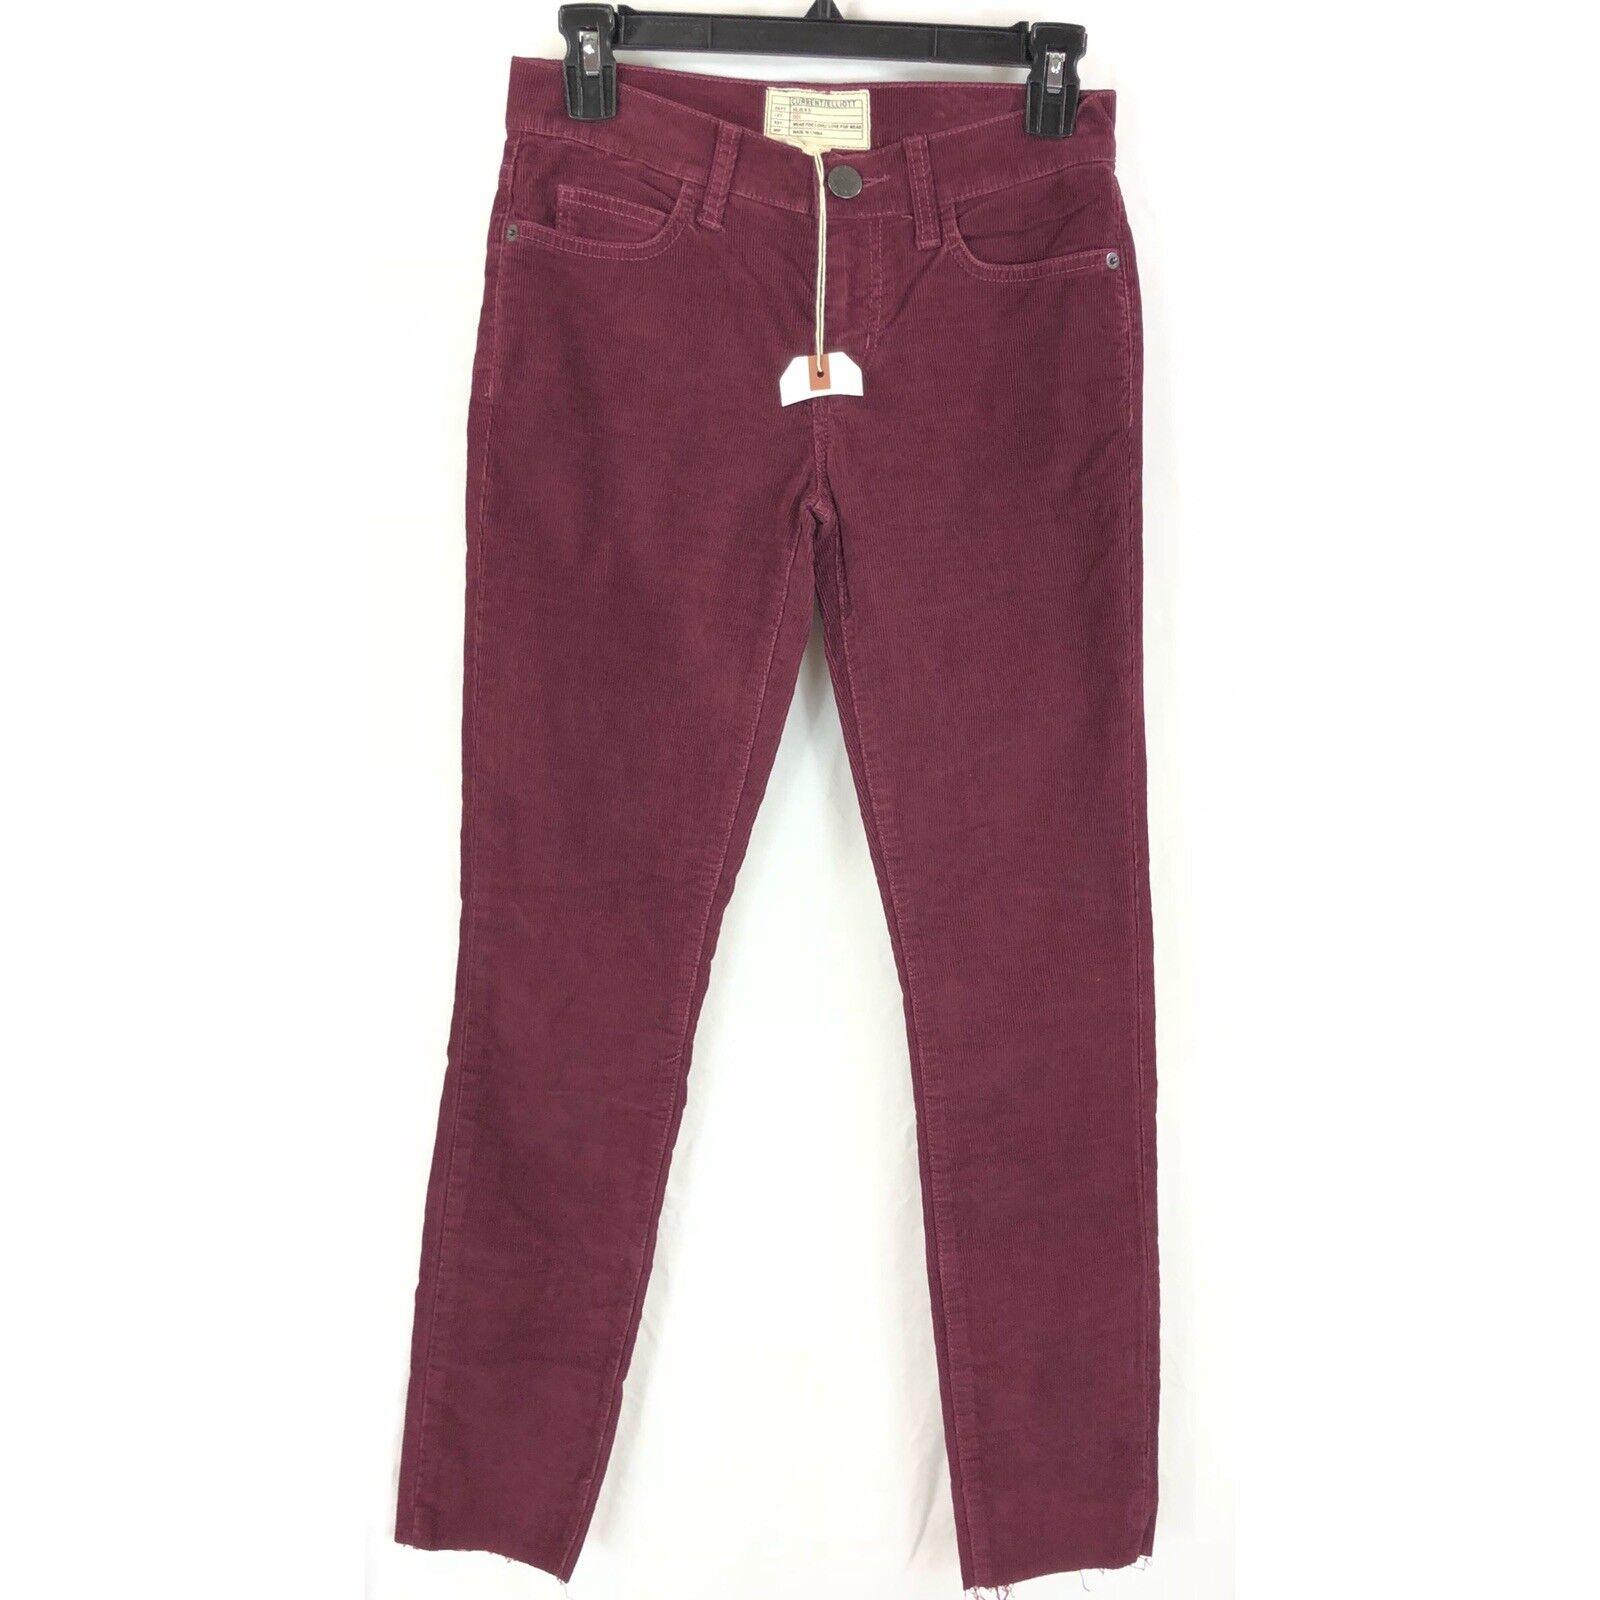 Current Elliott The Stiletto Skinny Leg corduroy jeans released hem 24 NWOT